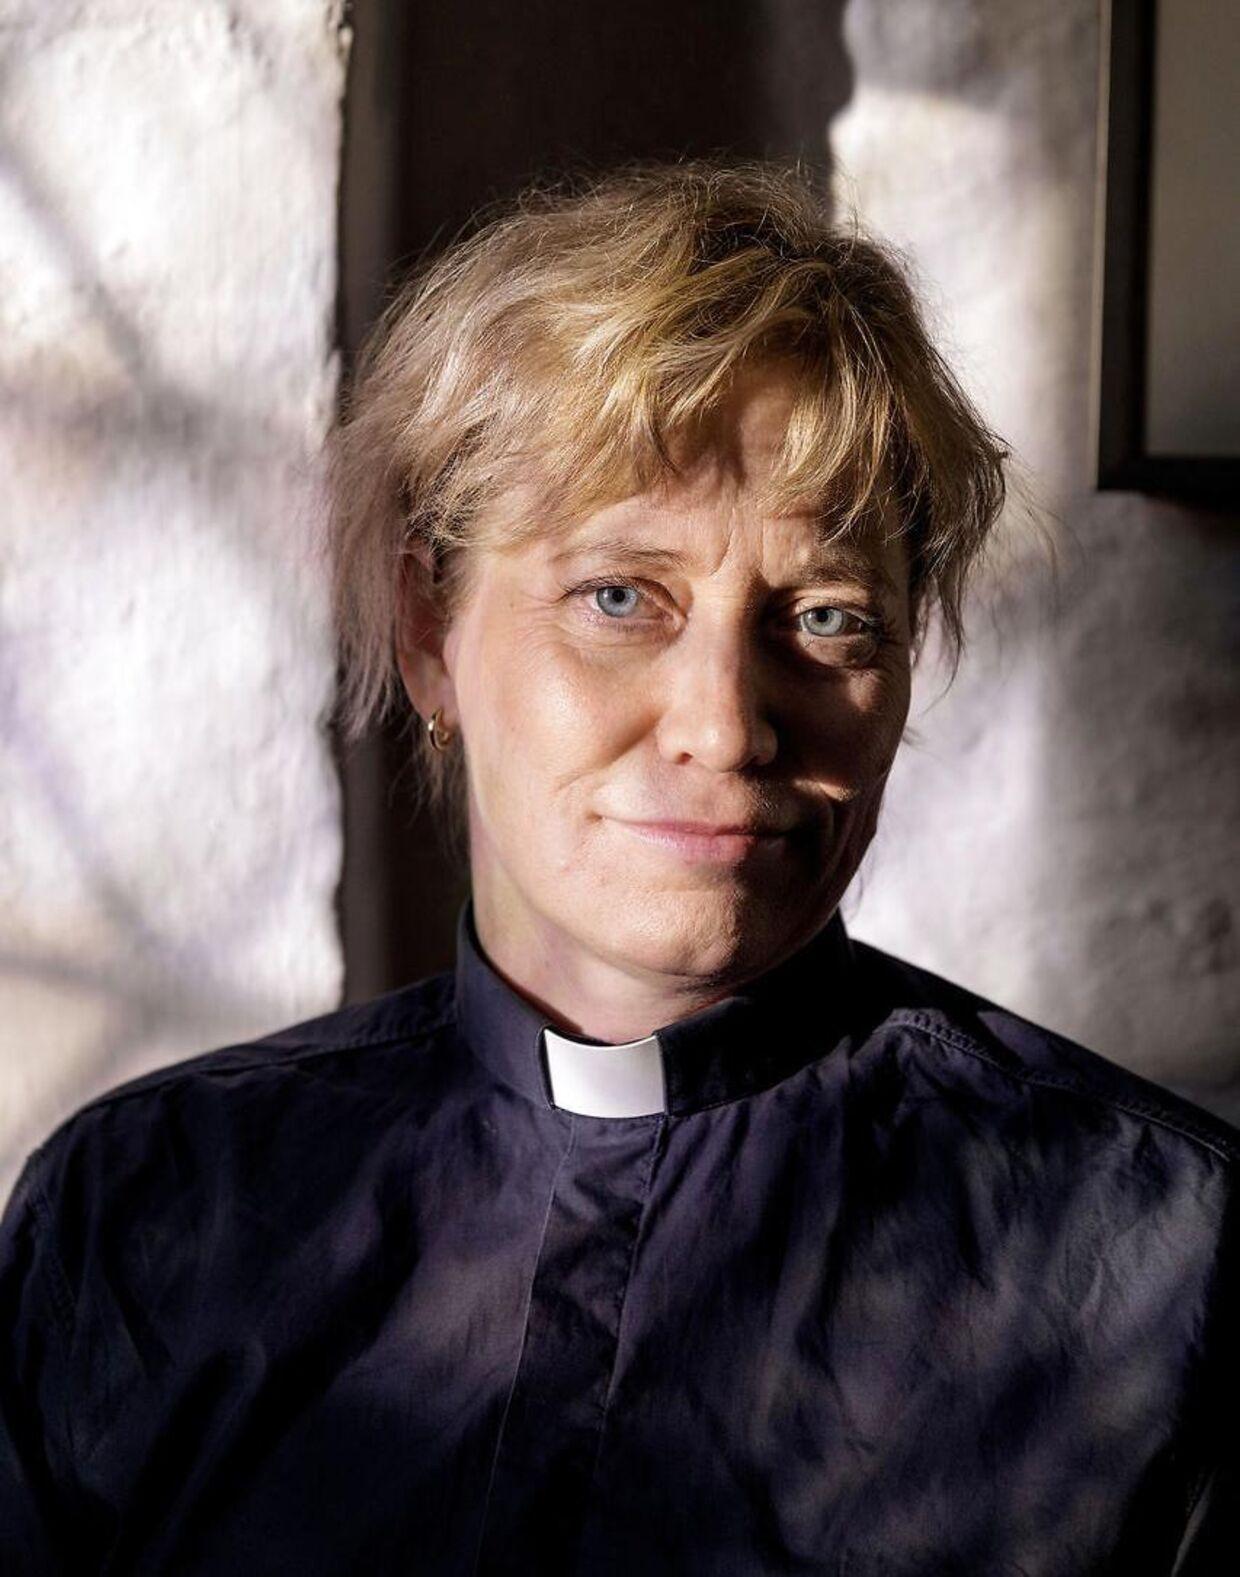 Når Ulla Thorbjørn Hansen går dødsbud med politiet, trækker hun i sin blå beredskabsskjorte med en lille flip. Både for hendes egen men også for de pårørendes skyld: »Så kan de se, at der er noget galt.«